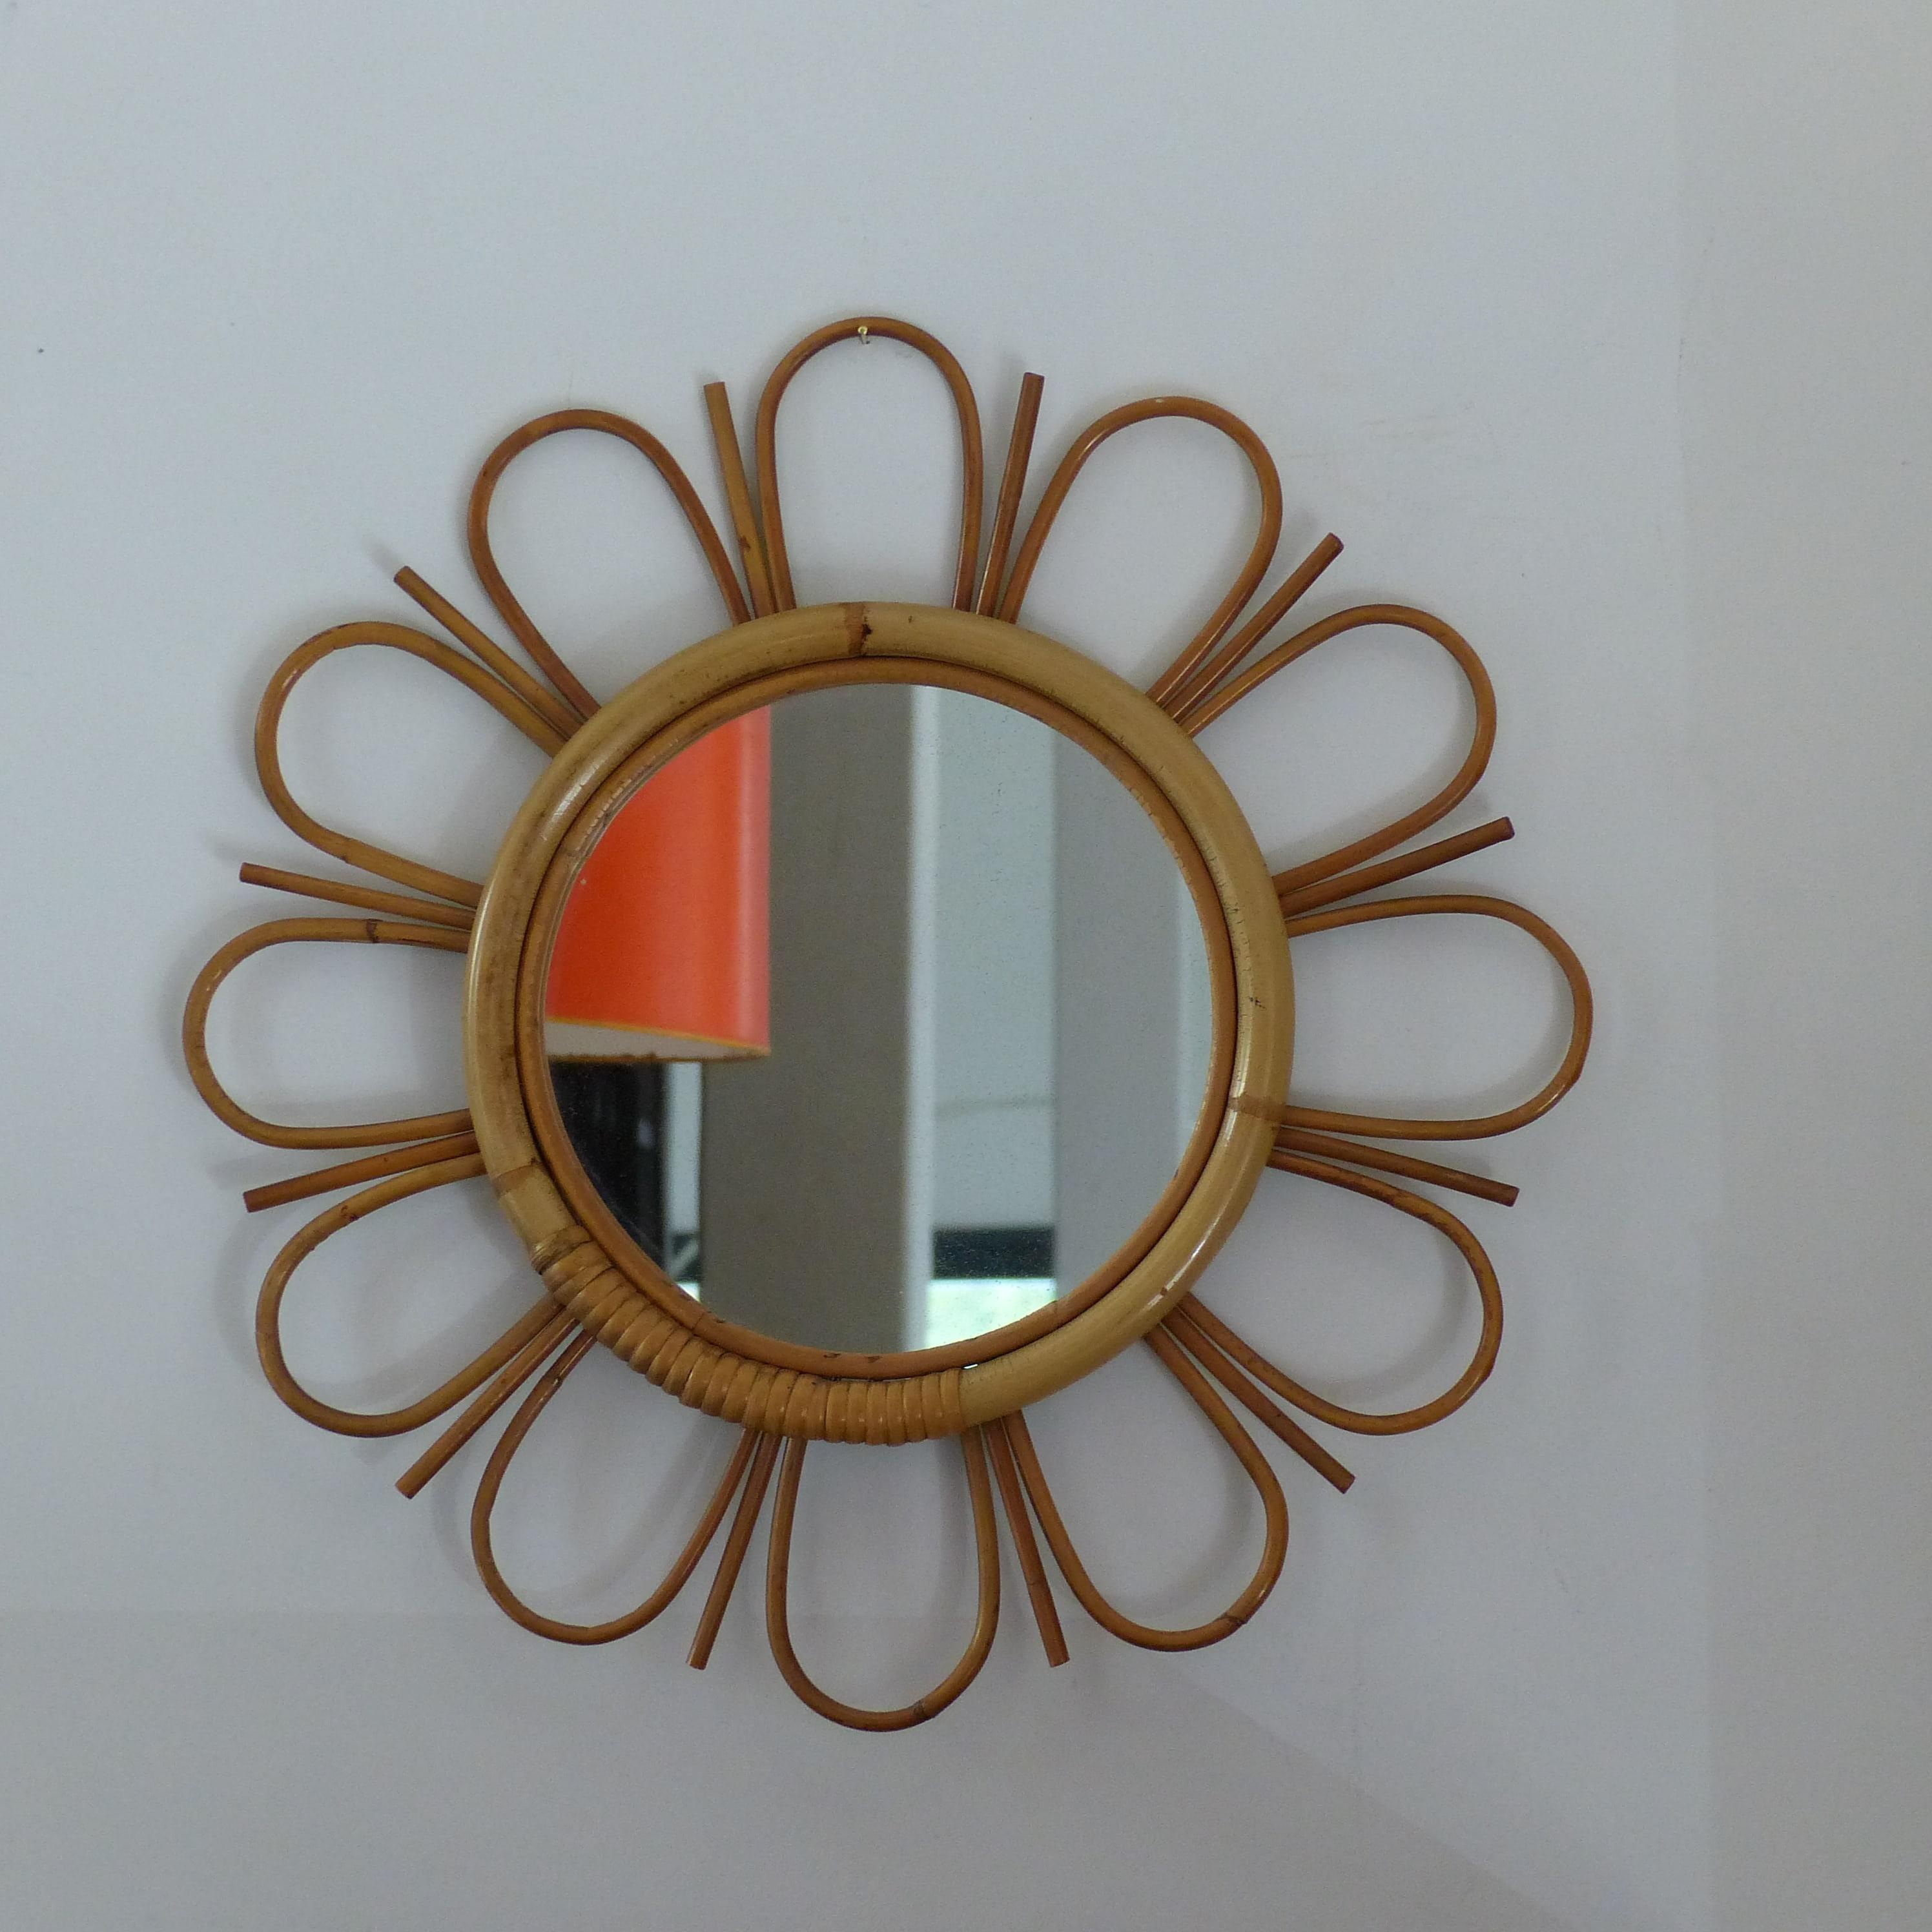 miroir en rotin pas cher simple miroir rond maisons du monde achat facile et prix moins cher. Black Bedroom Furniture Sets. Home Design Ideas